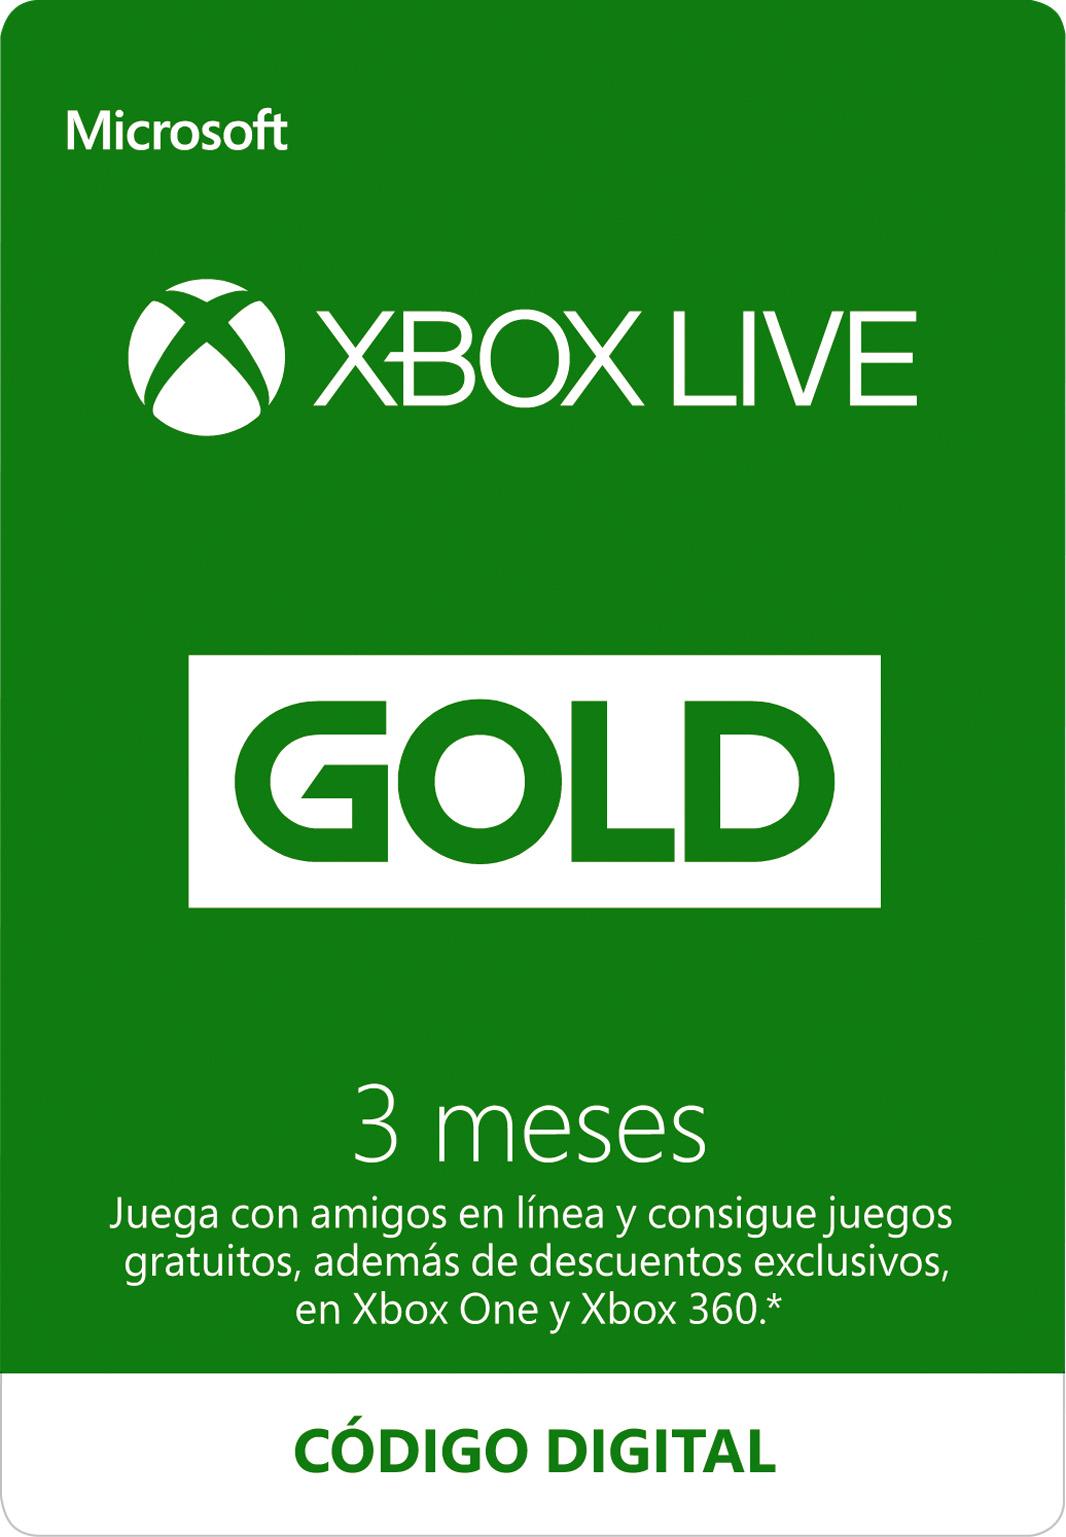 Suscripción a Xbox Live Gold de 3 meses (Código digital)